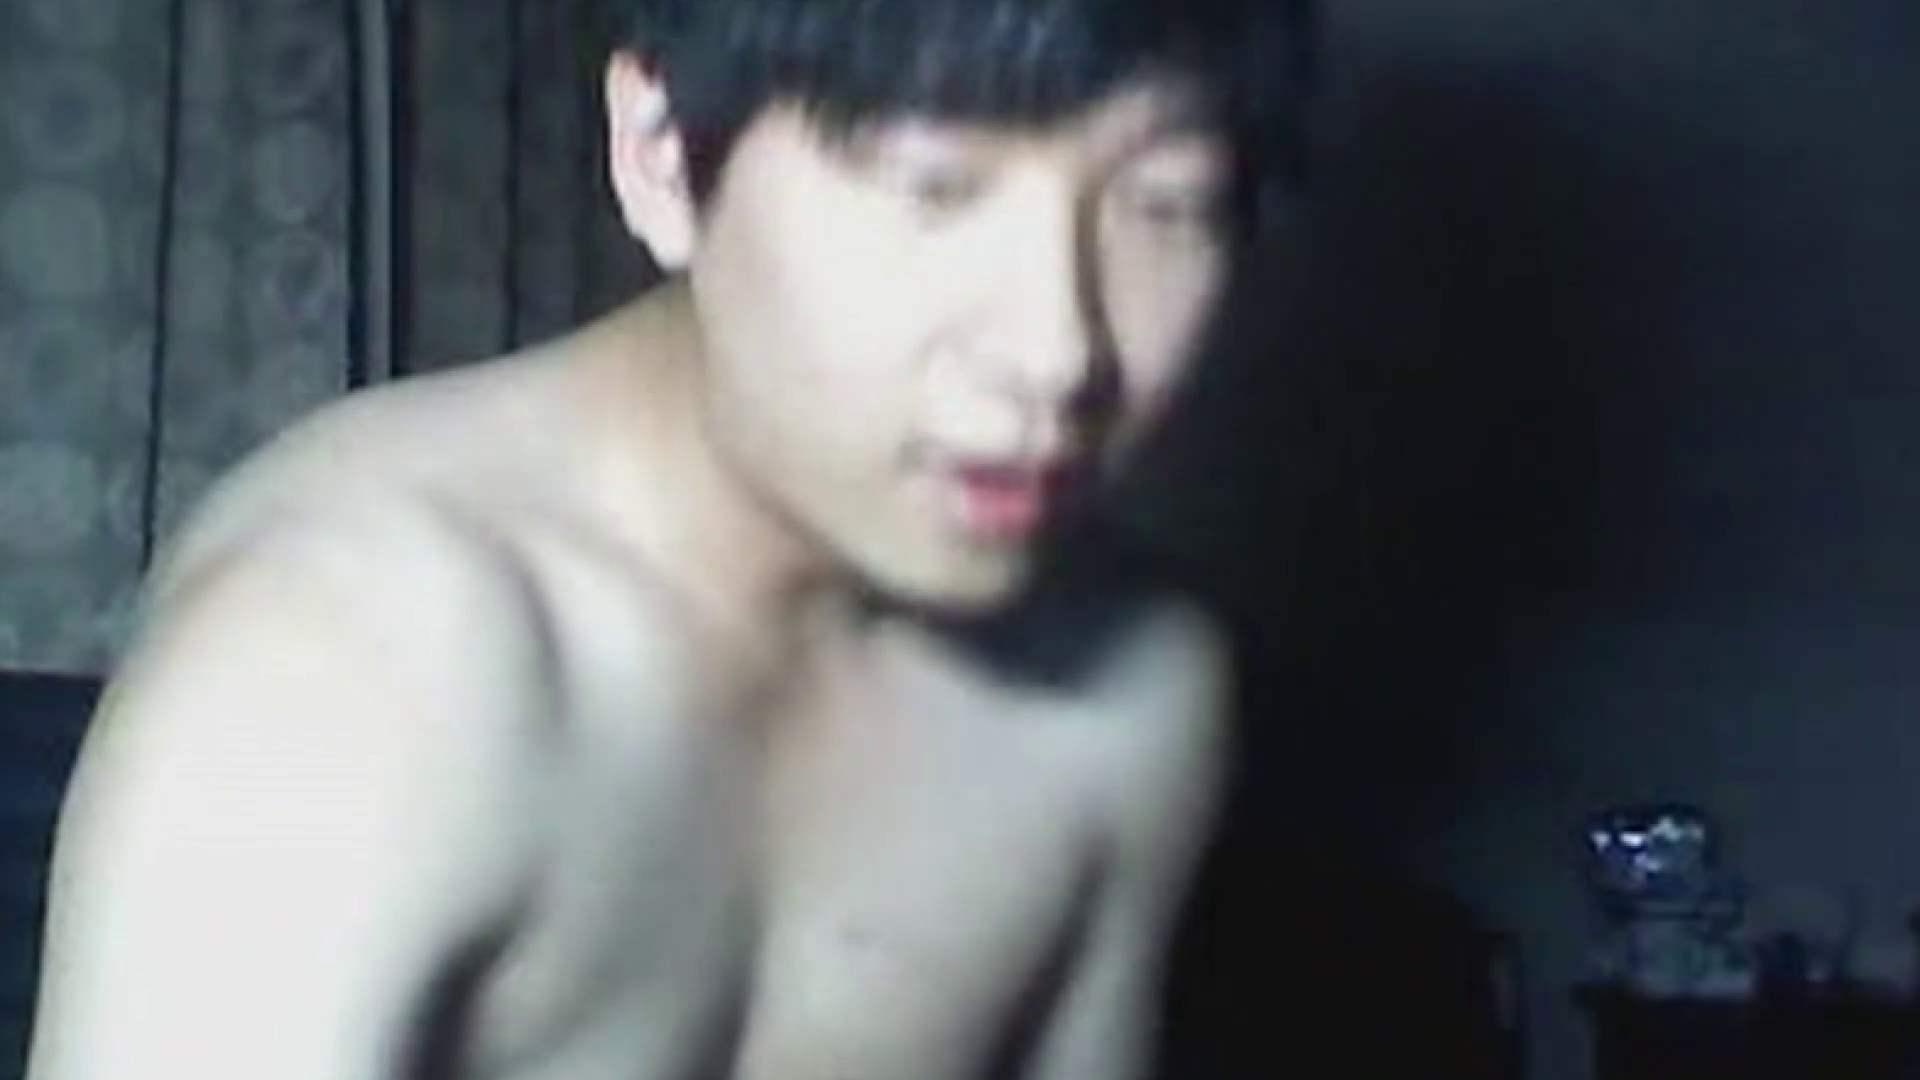 暗がりの細マッチョオナニー オナニー専門男子 ちんぽ画像 49画像 14